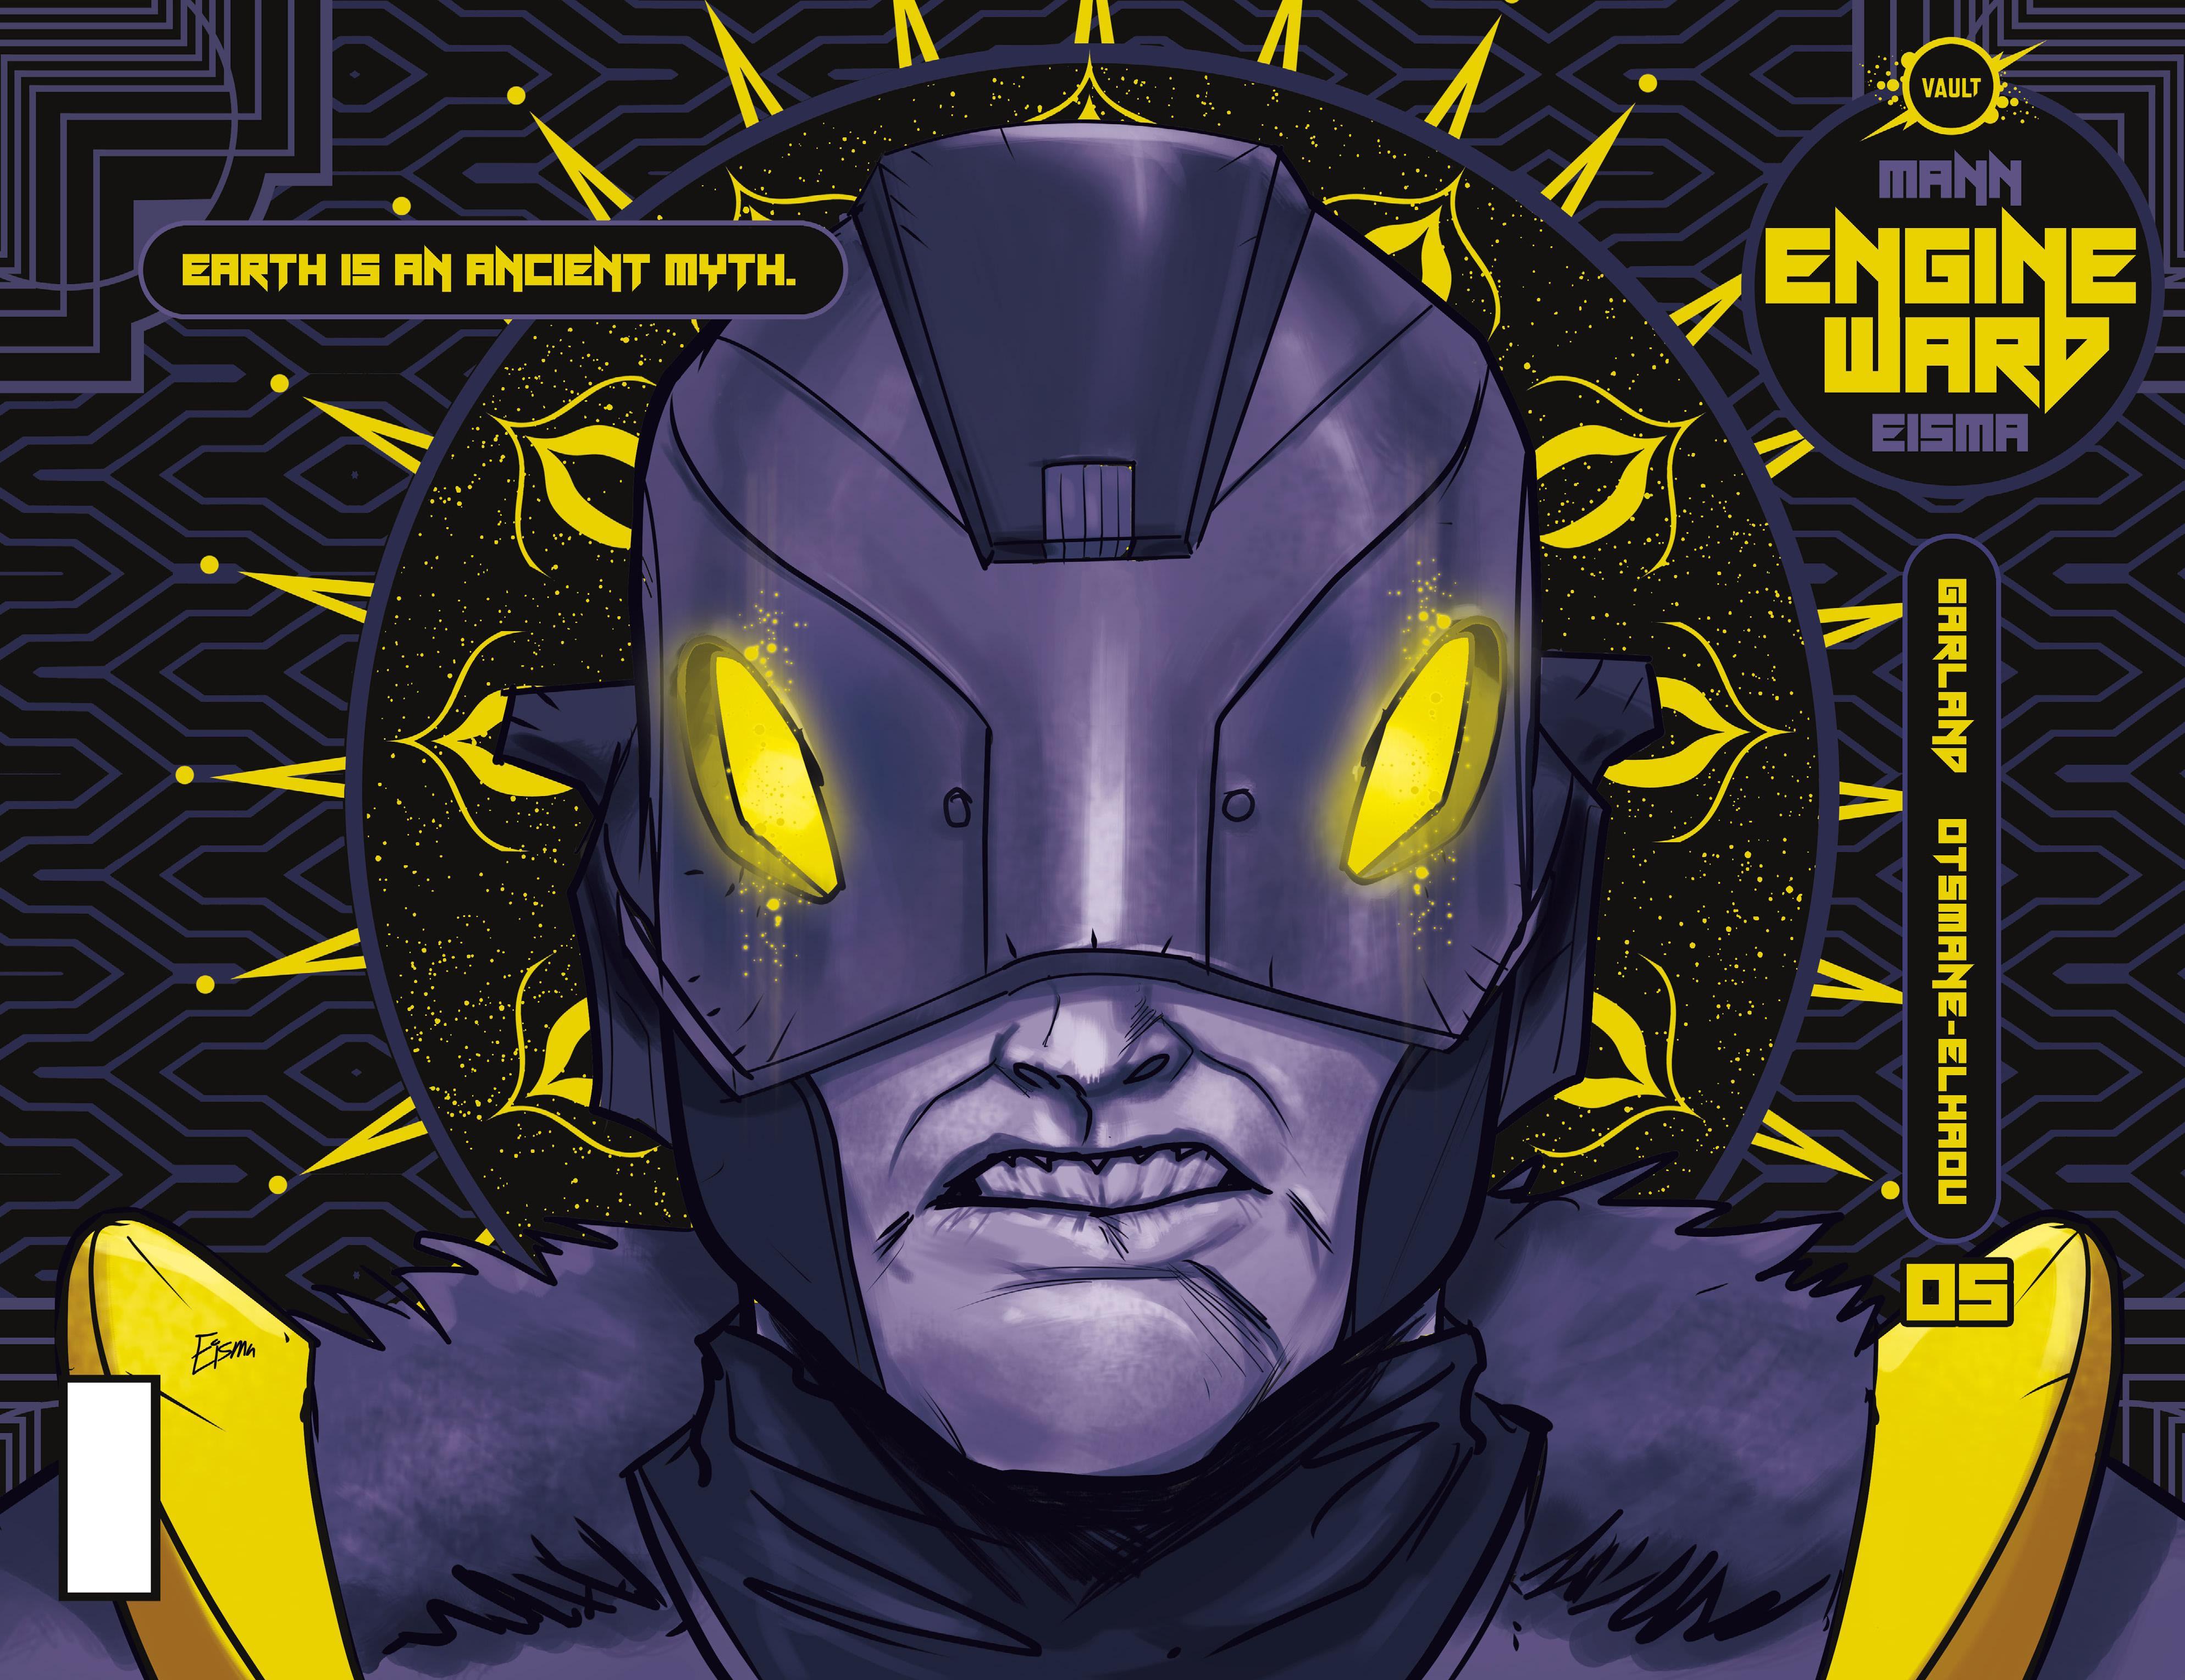 Engineward 005 2020 digital Son of Ultron